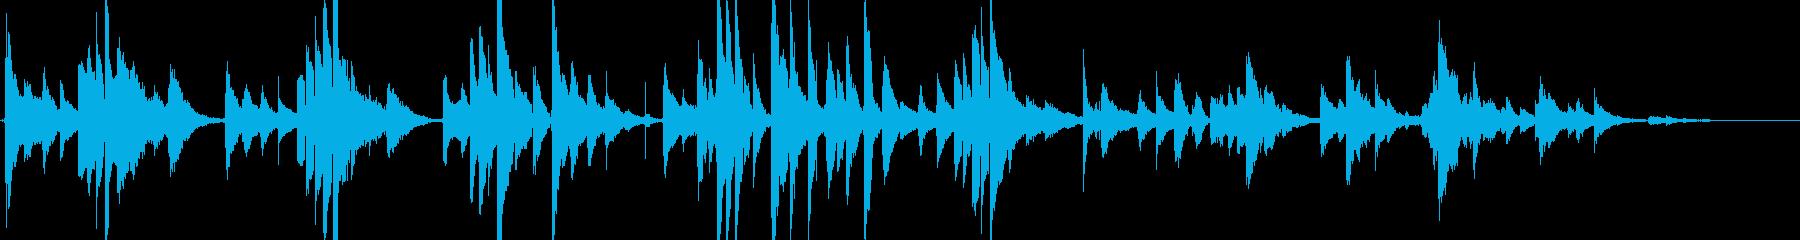 癒しのクラシックギター/朝/生演奏の再生済みの波形